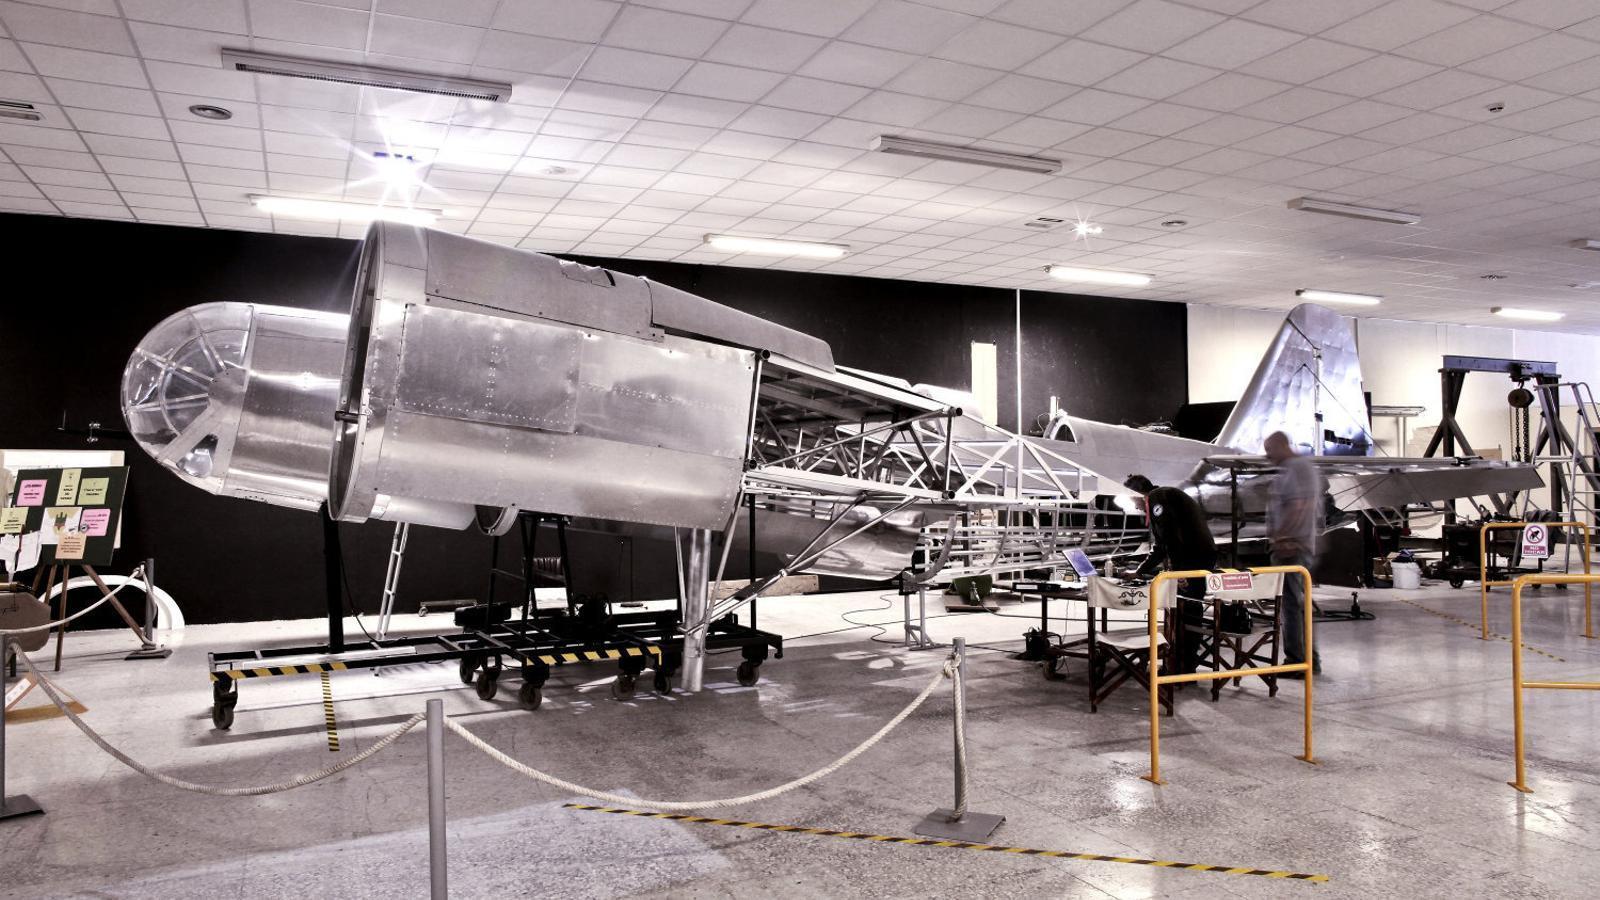 Al Centre de l'Aviació Històrica, que gestiona José Ramón Bellaubí, és fascinant veure com treballa en el Tupólev SB, Katiuska, un avió d'alumini polit i brillant que sembla ben bé una obra d'art.